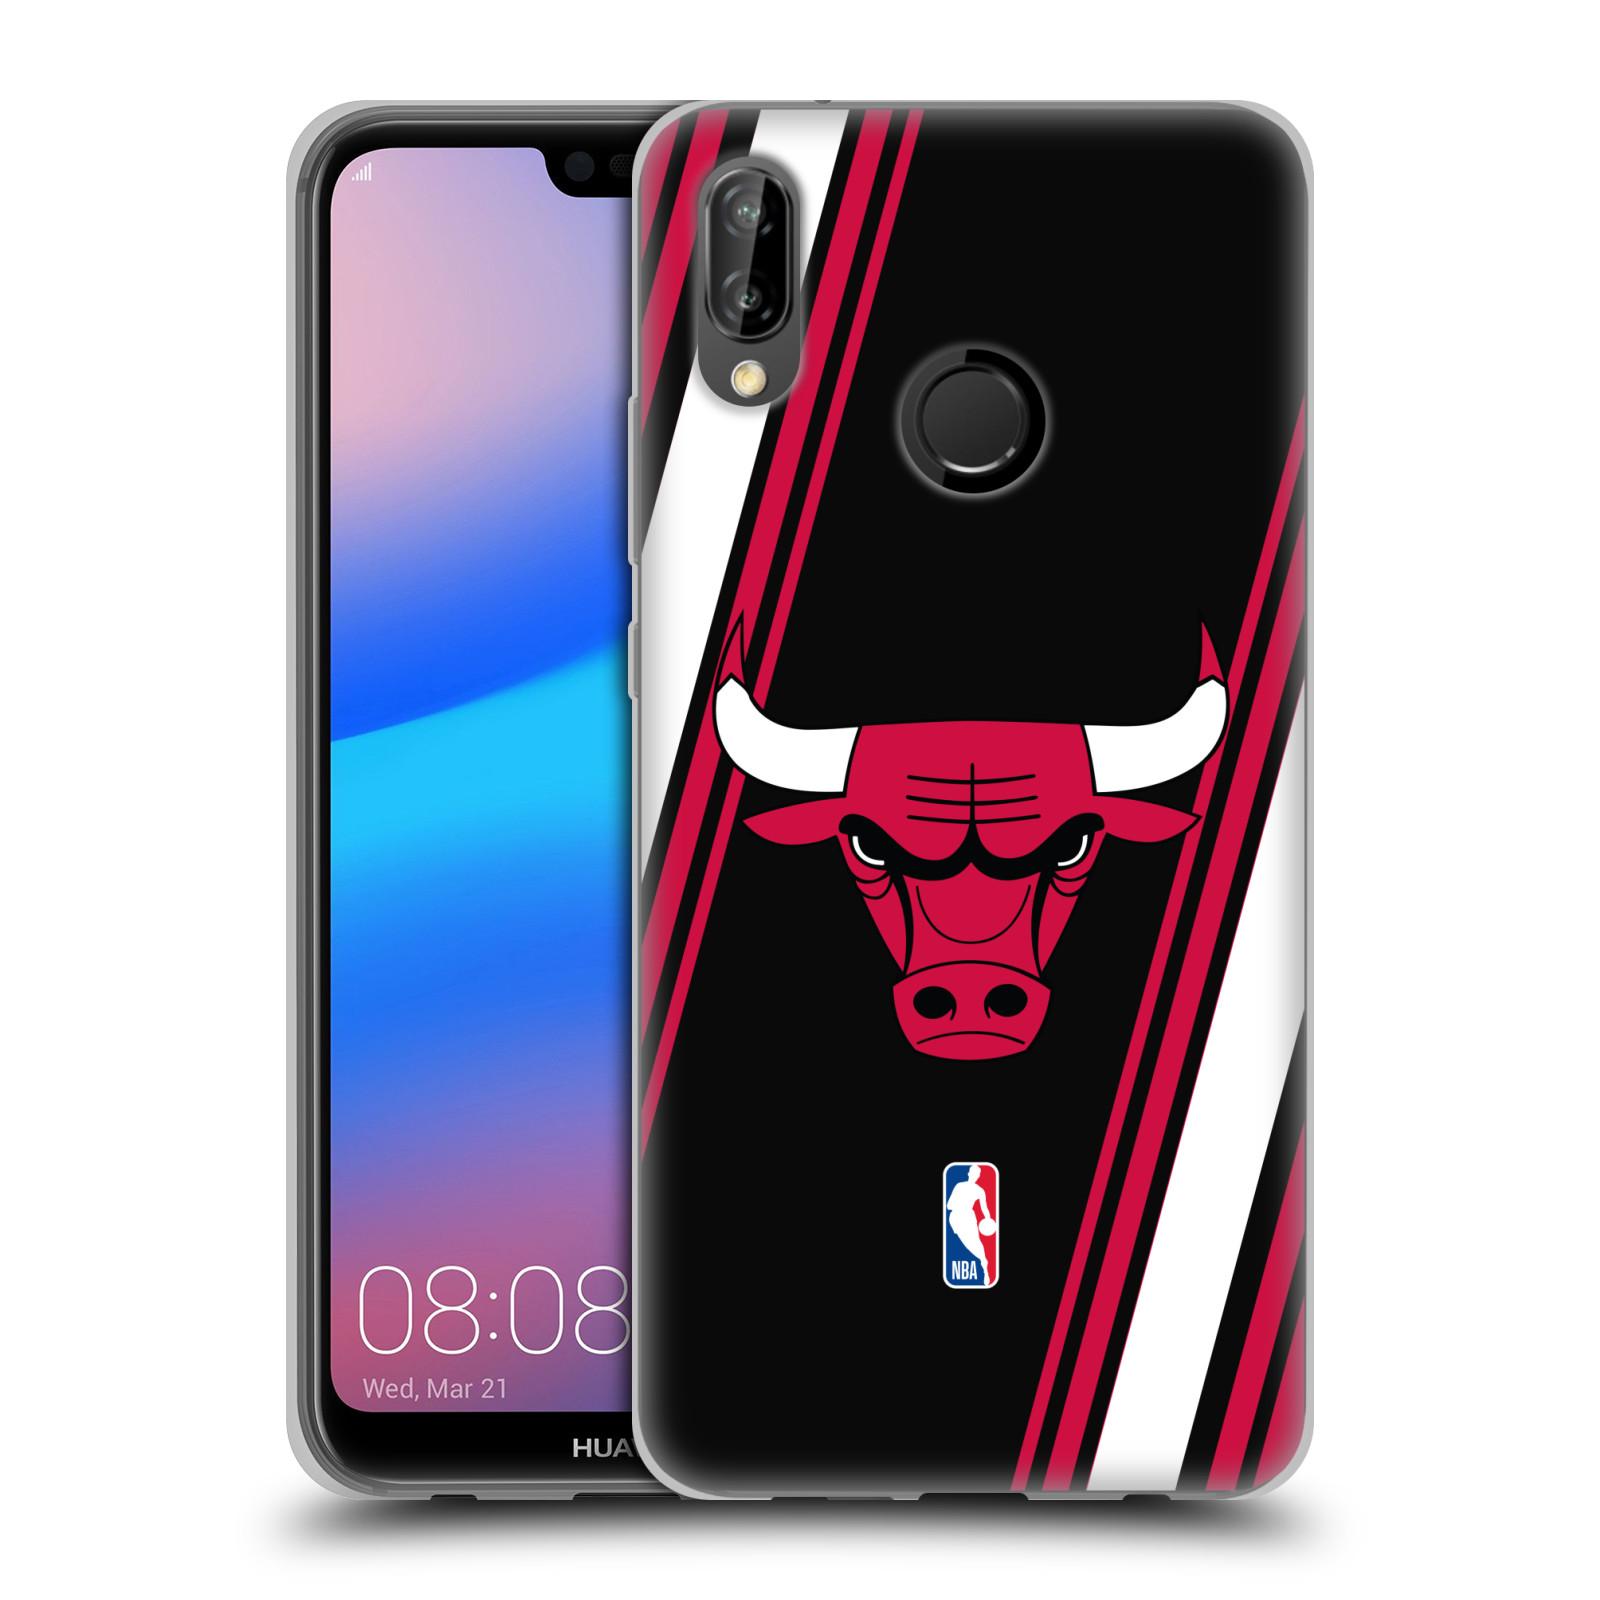 HEAD CASE silikonový obal na mobil Huawei P20 LITE NBA Basketbalový klub Chicago Bulls logo šikmé pruhy